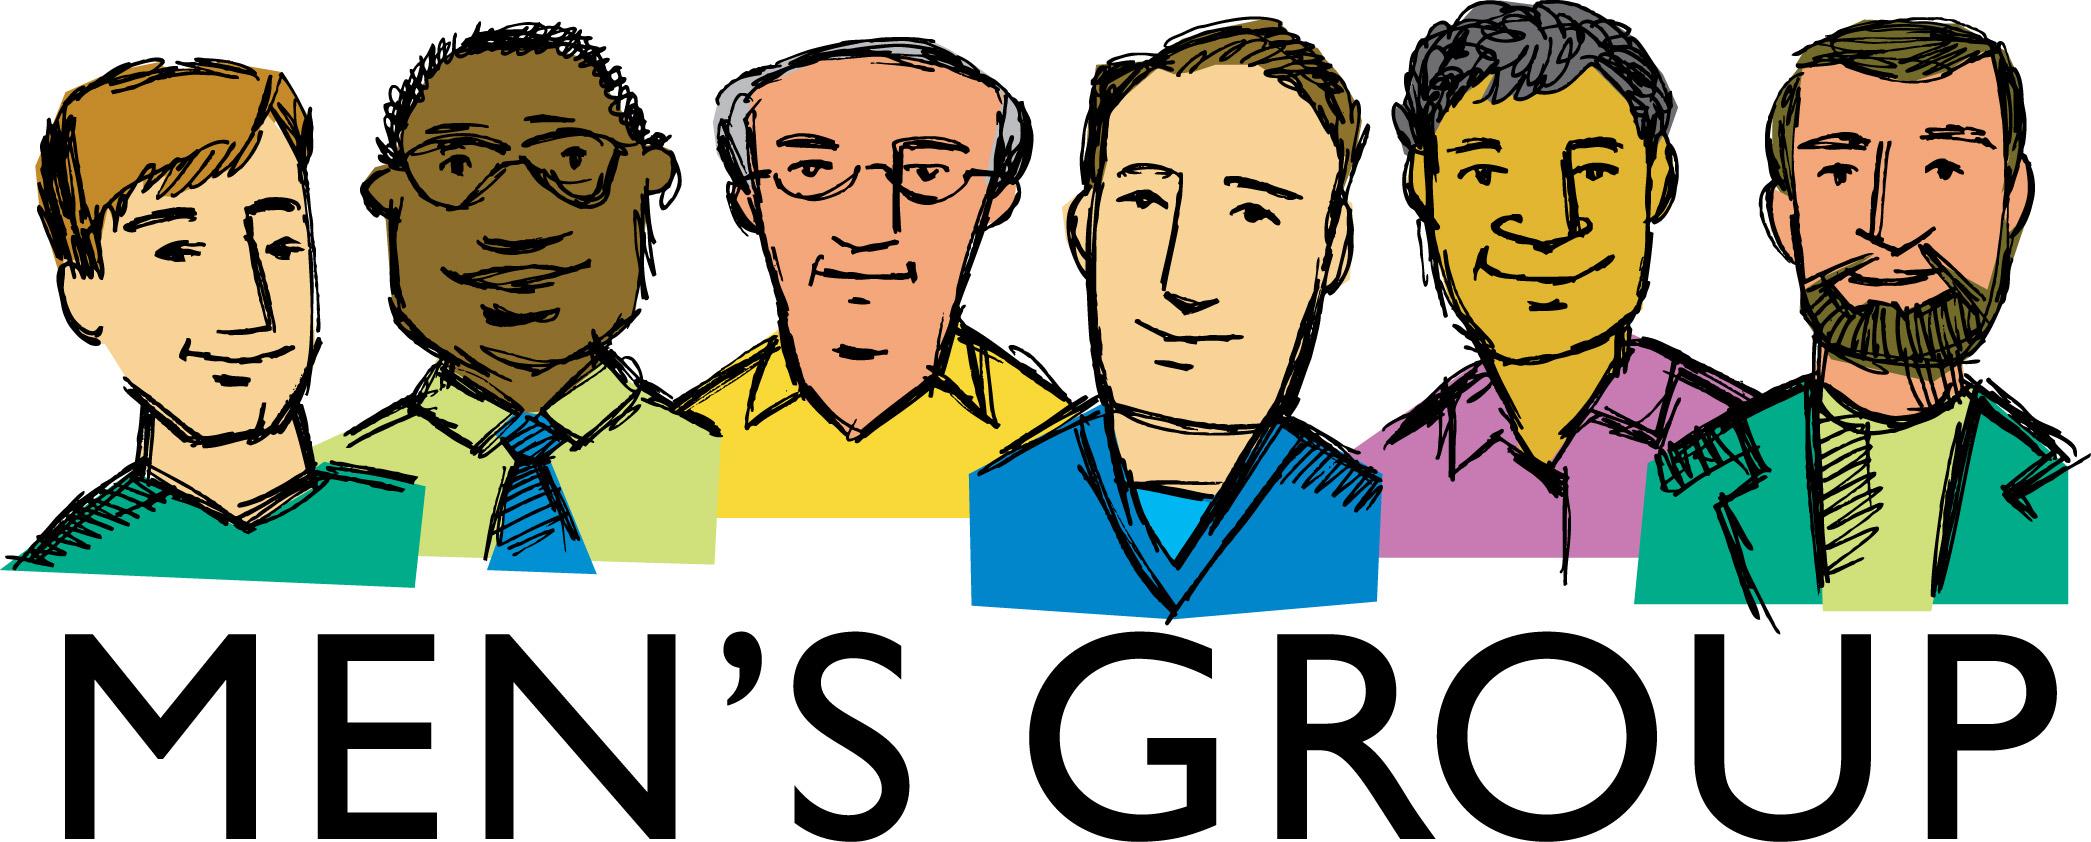 Christian Men's Group Clipart.